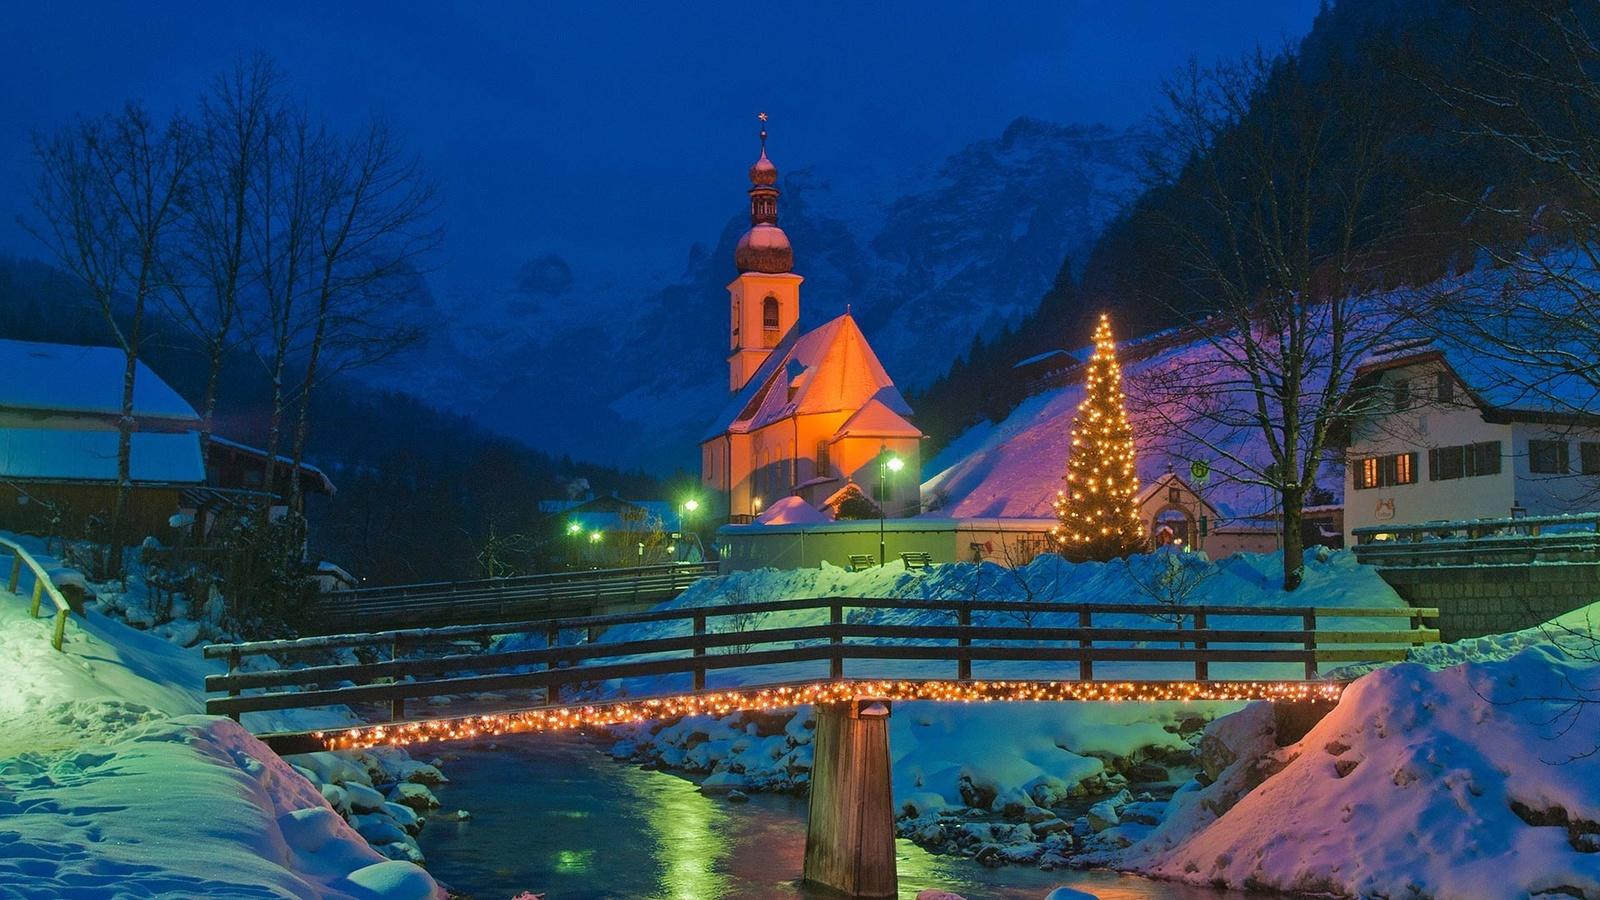 зима, снег, пейзаж, горы, ночь, природа, река, новый год, дома, германия, освещение, альпы, фонари, церковь, ёлка, мостик